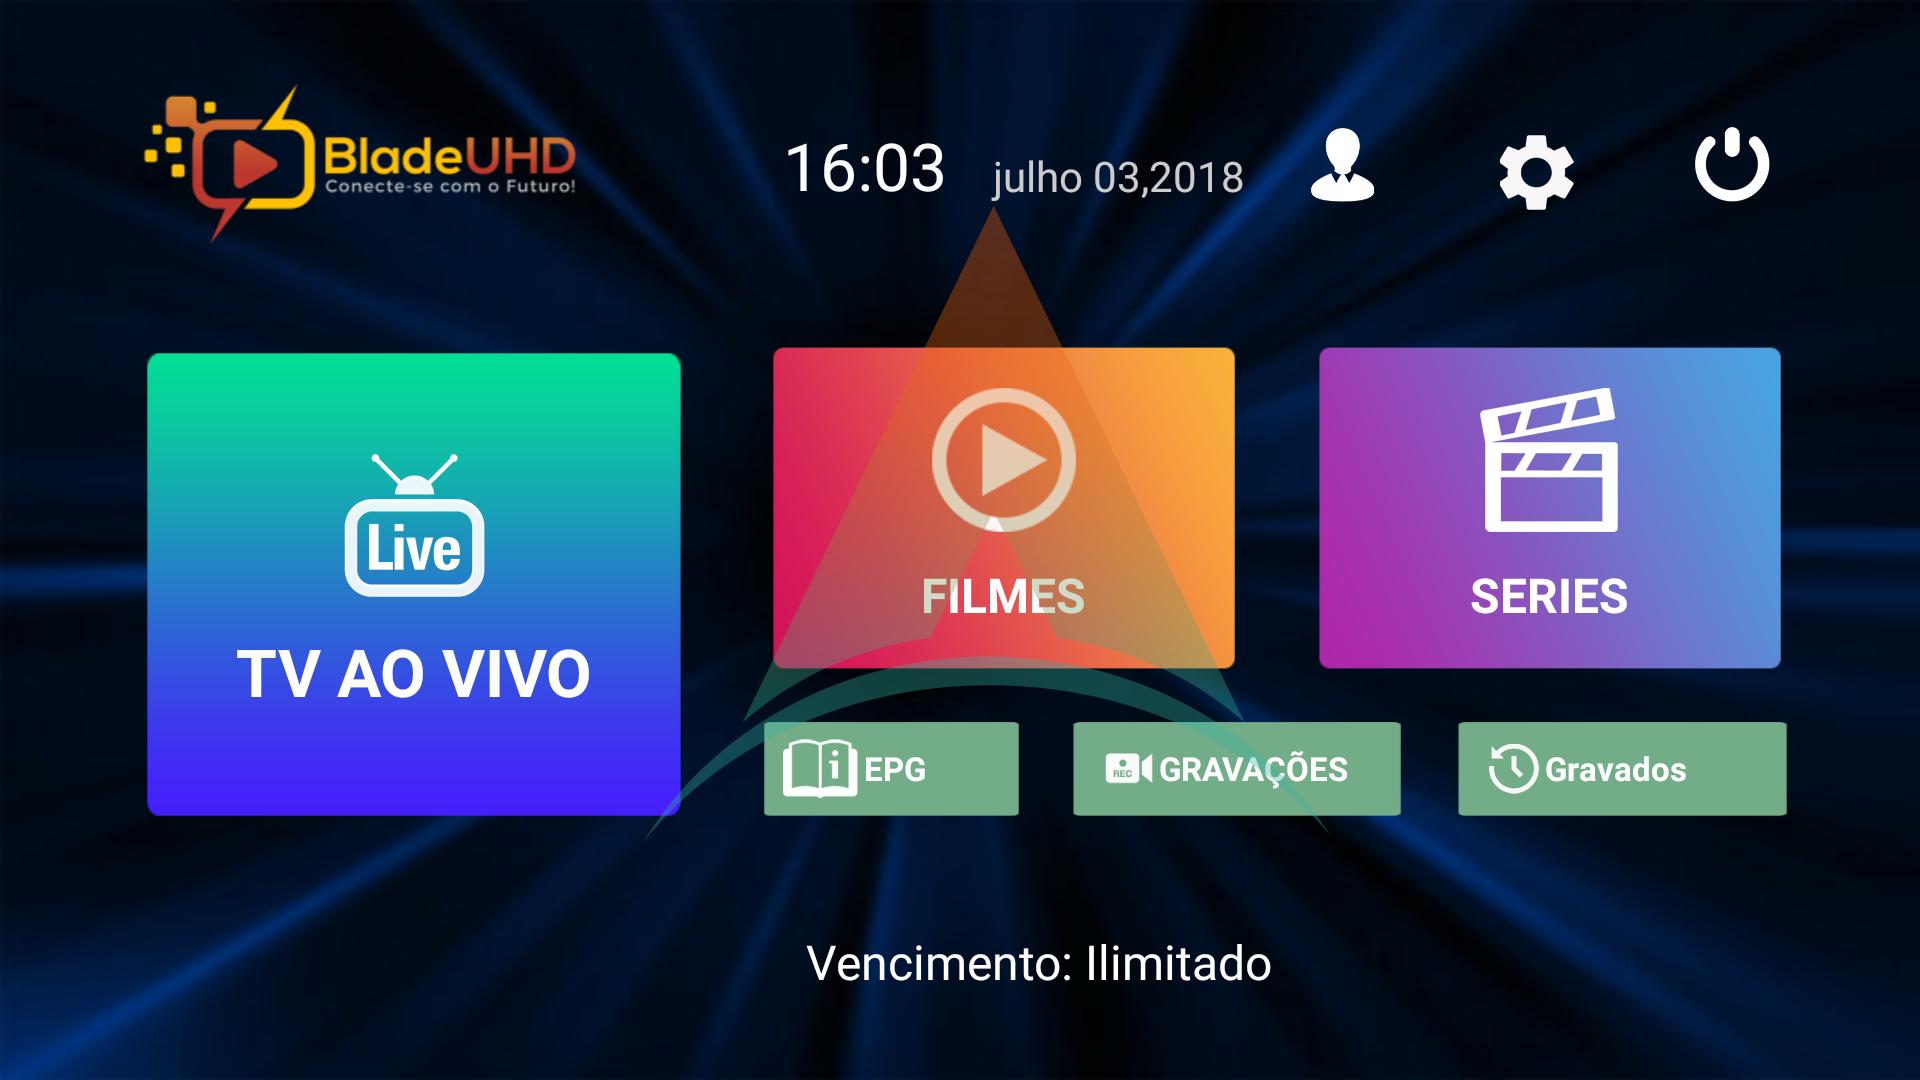 Blade UHD Apk v 1.6.9.1 Download Free For Android-Apkbixcom 3